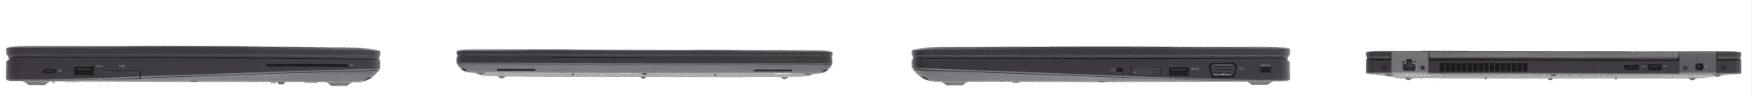 Dell 戴尔 Latitude 5590 评测